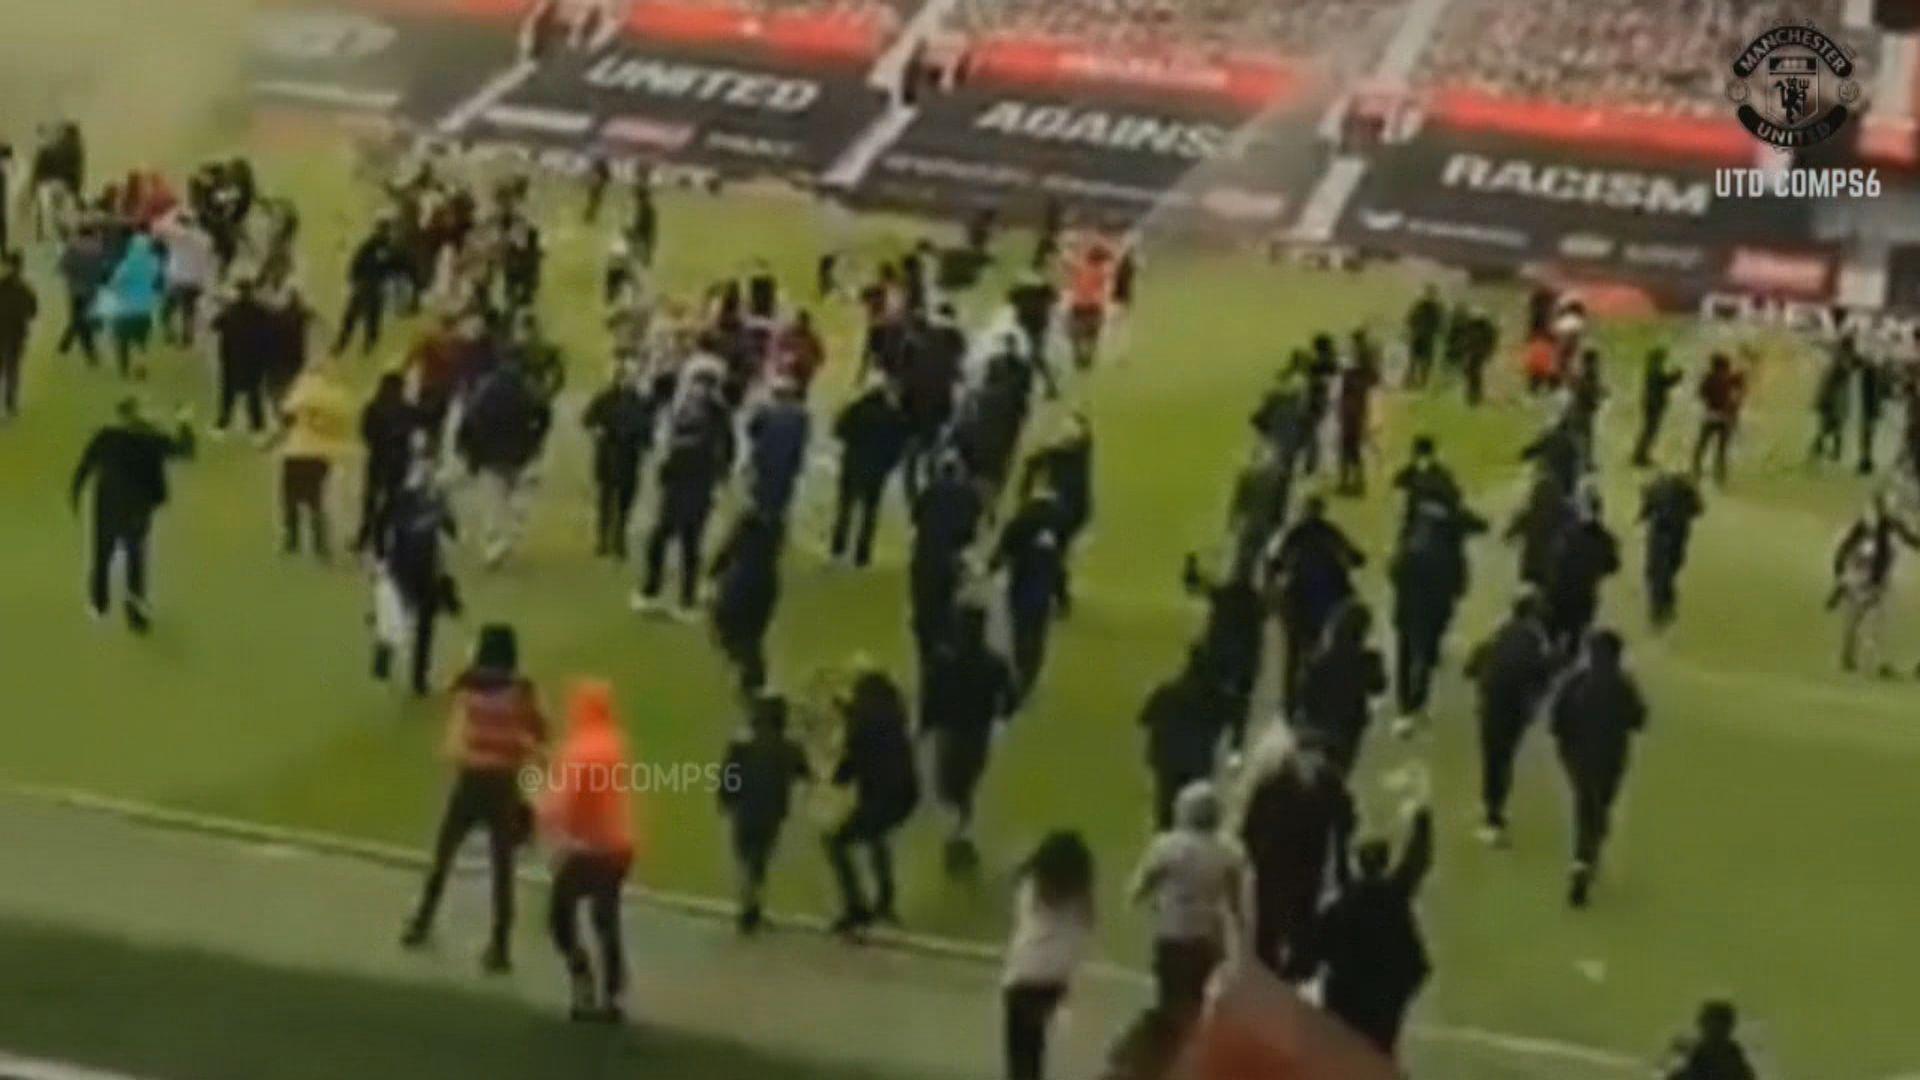 曼聯球迷闖入奧脫福球場示威